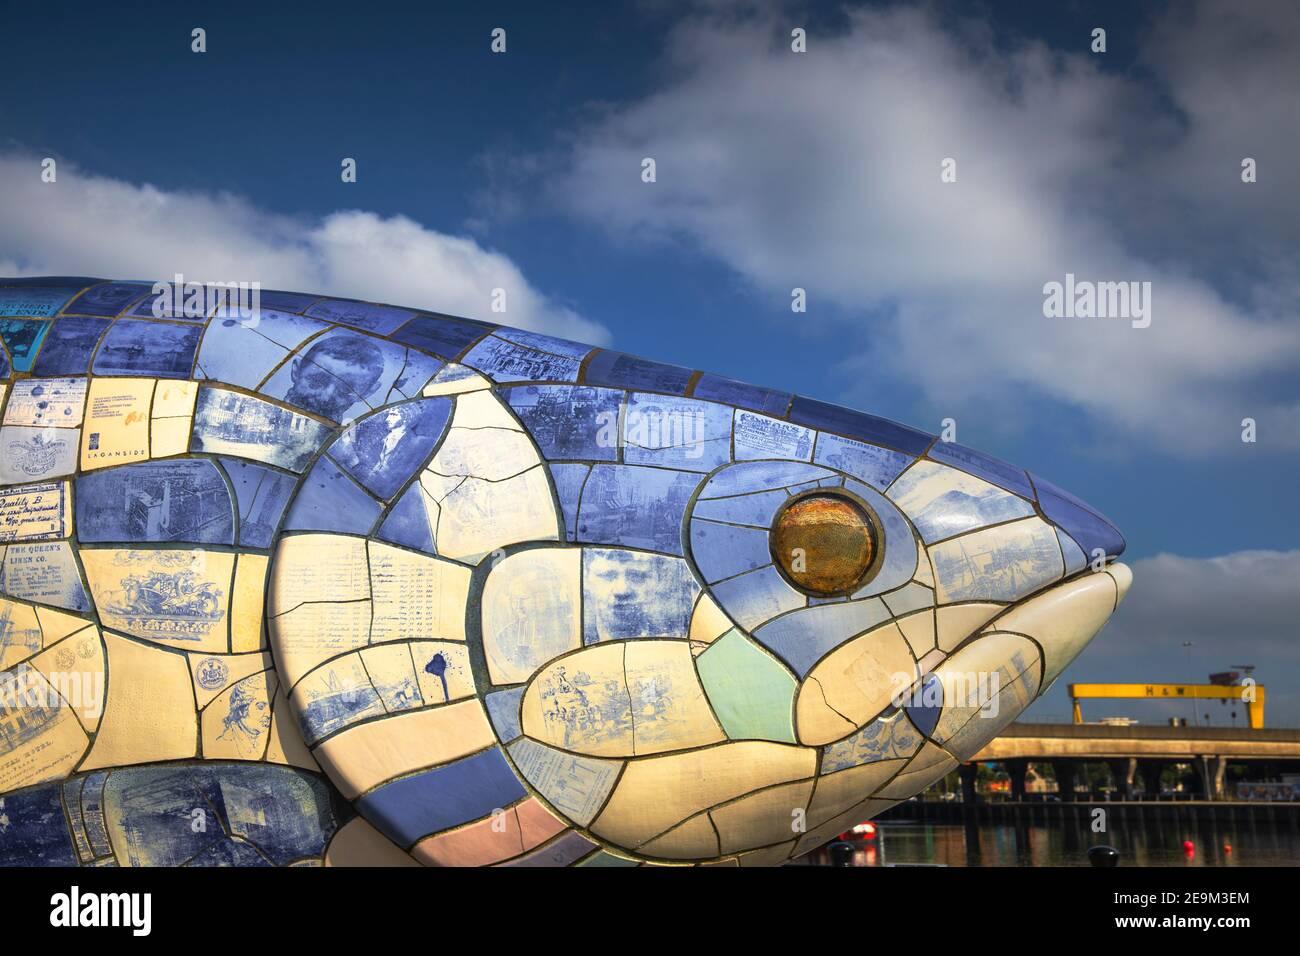 Reino Unido, Irlanda del Norte, Belfast, la escultura de Big Fish - las baldosas de cerámica cada uno cuenta una historia sobre Belfast Foto de stock